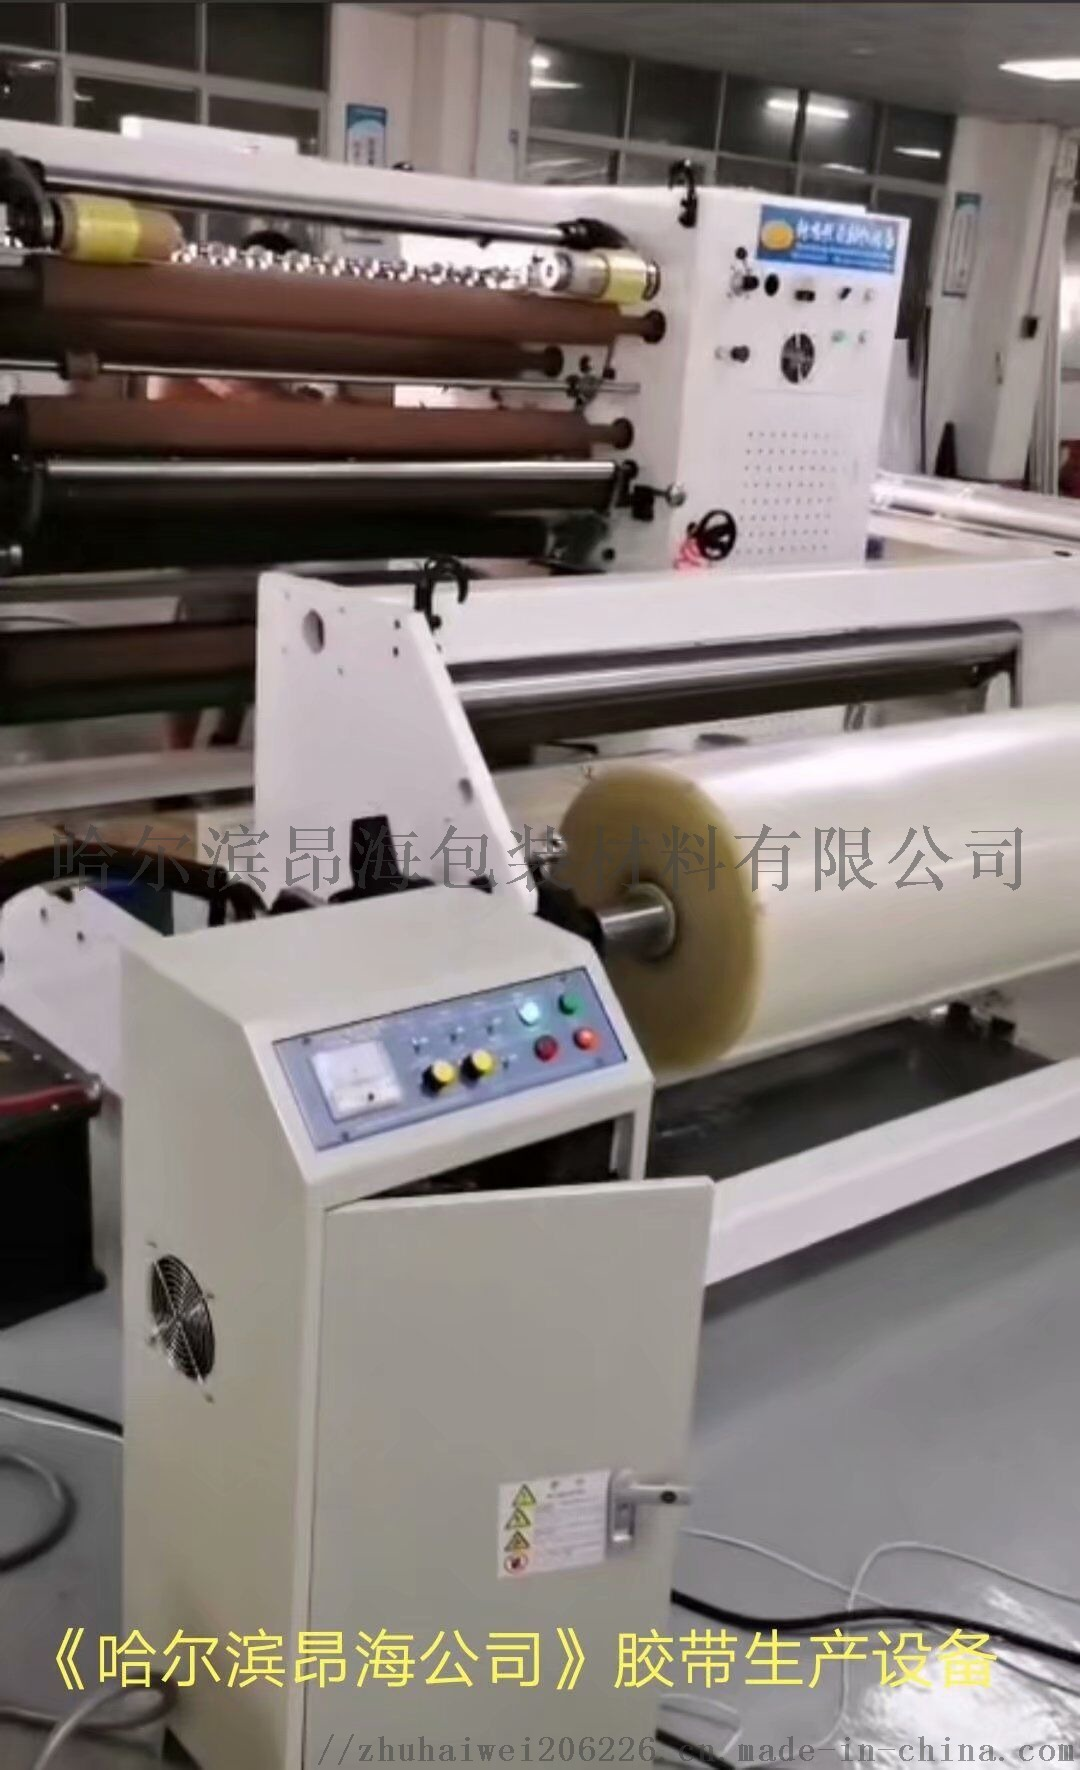 哈尔滨昂海胶带生产厂家106213162